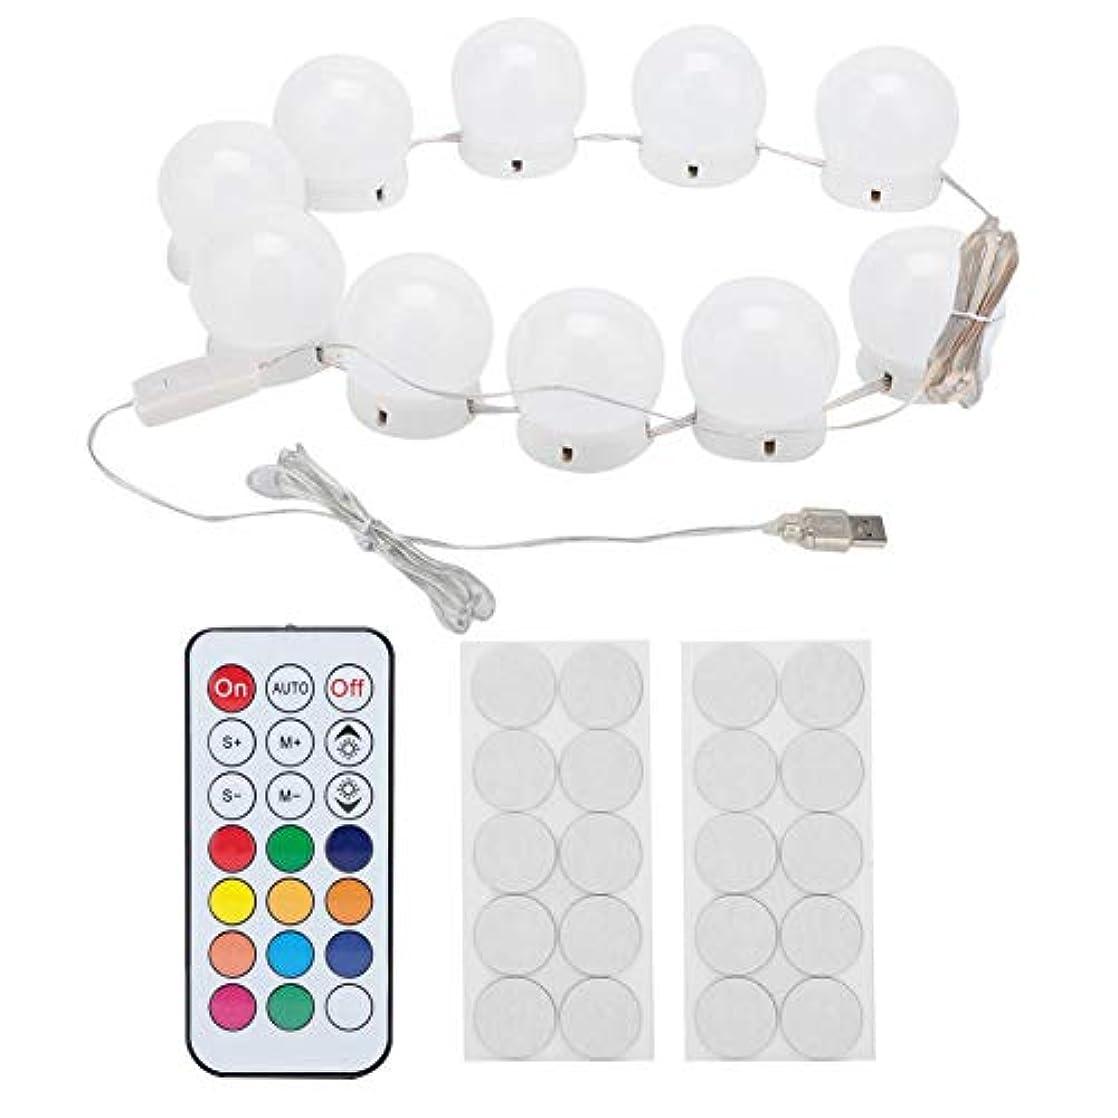 誰でも調和のとれた妻化粧鏡ラ??イトキット 10 LED付き調 光ライトストリング電球バニティライト バスルーム 化粧鏡に最適